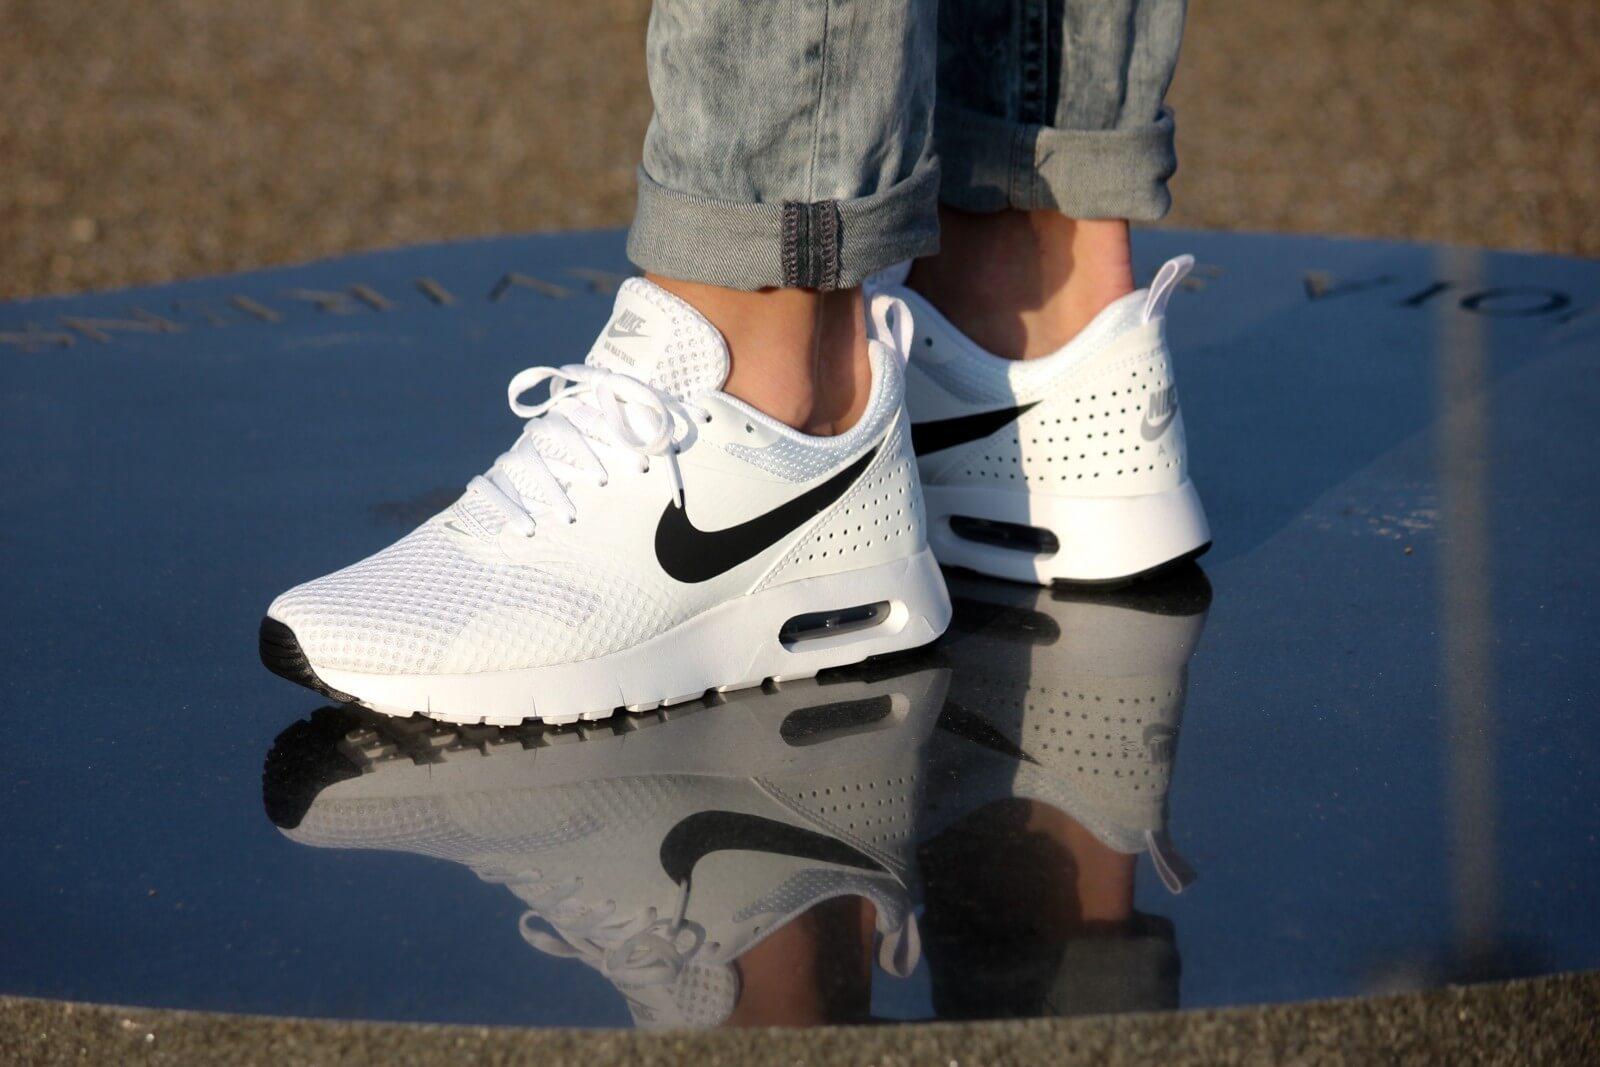 Nike Air Max Tavas BR GS White Black White 828569 101